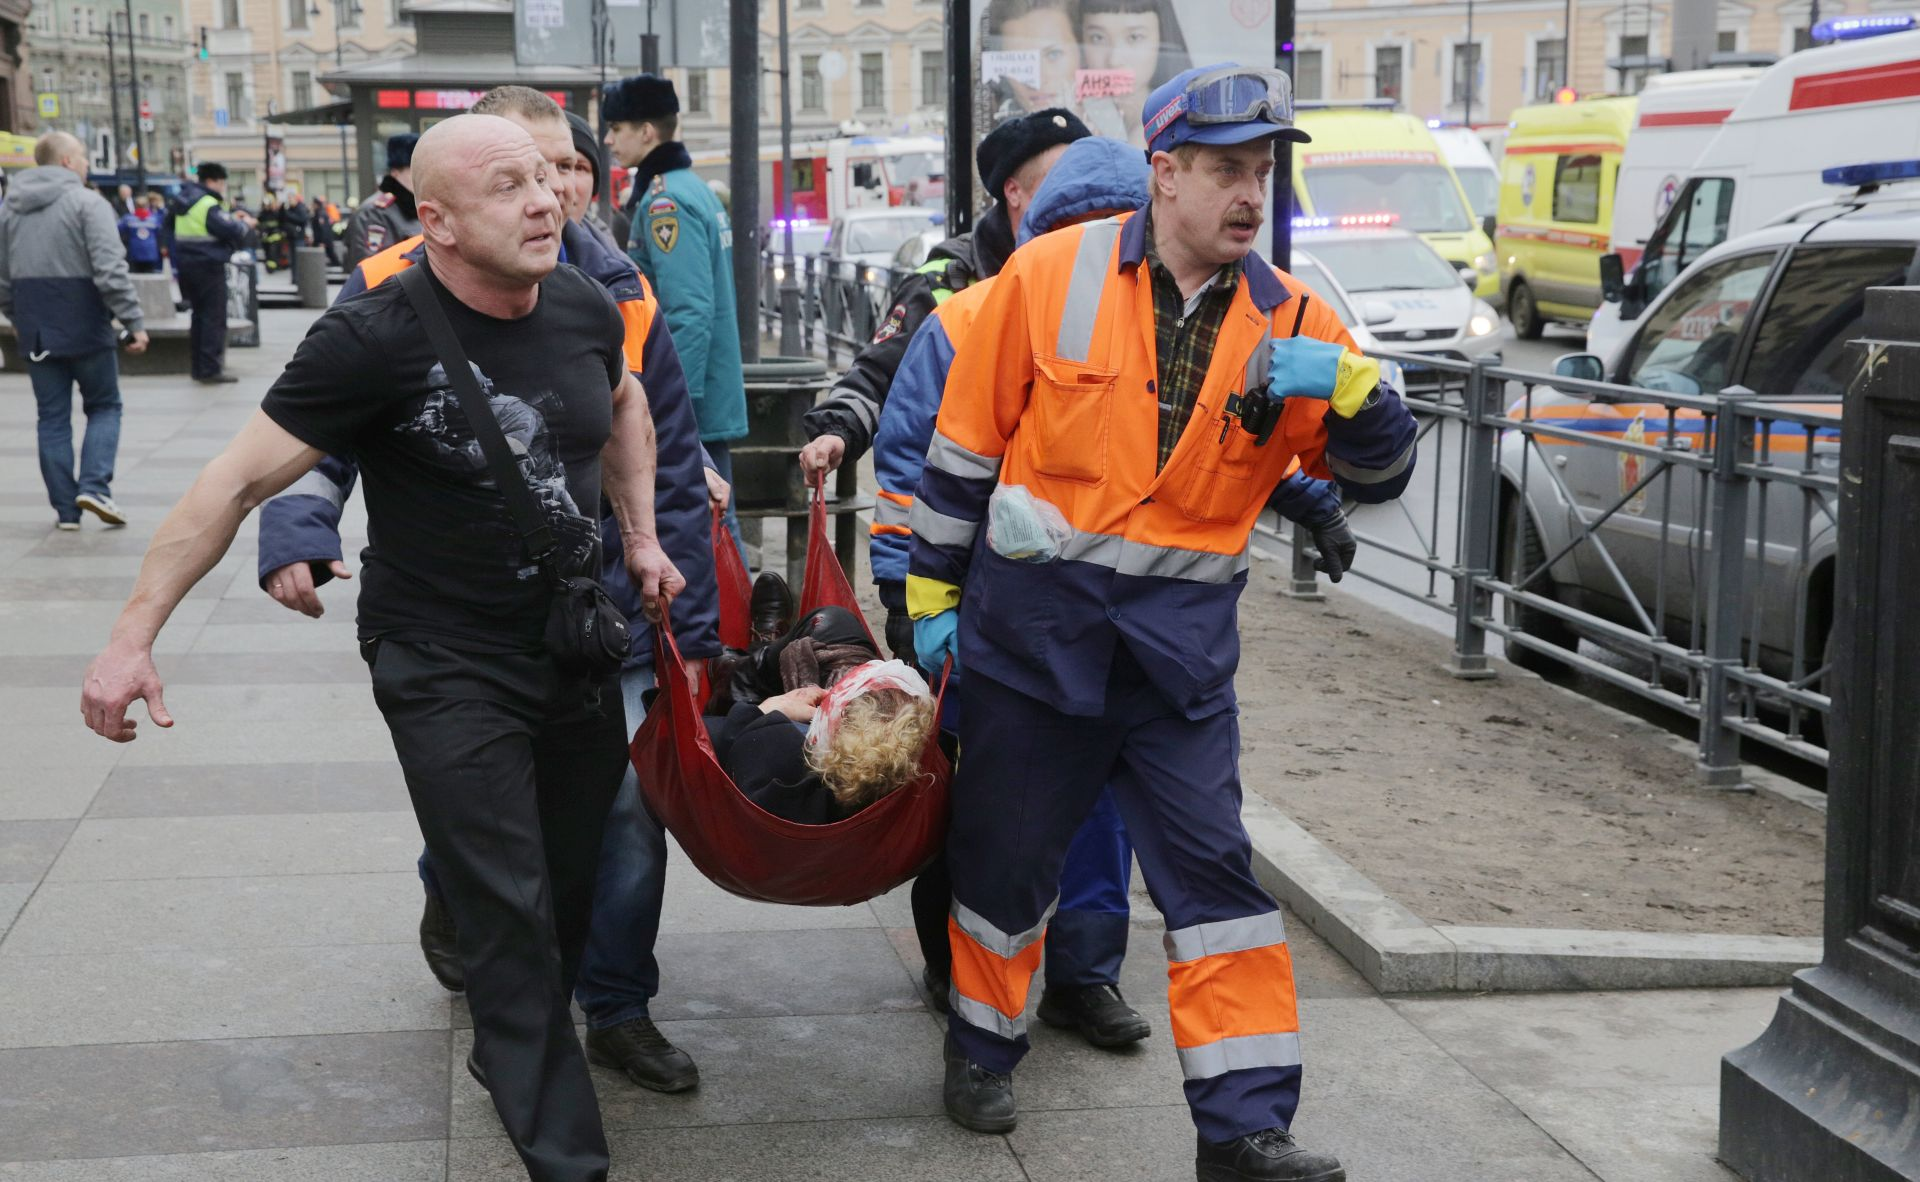 RUSIJA U napadu bombaša samoubojice poginulo 11 ljudi, ozlijeđeno 45